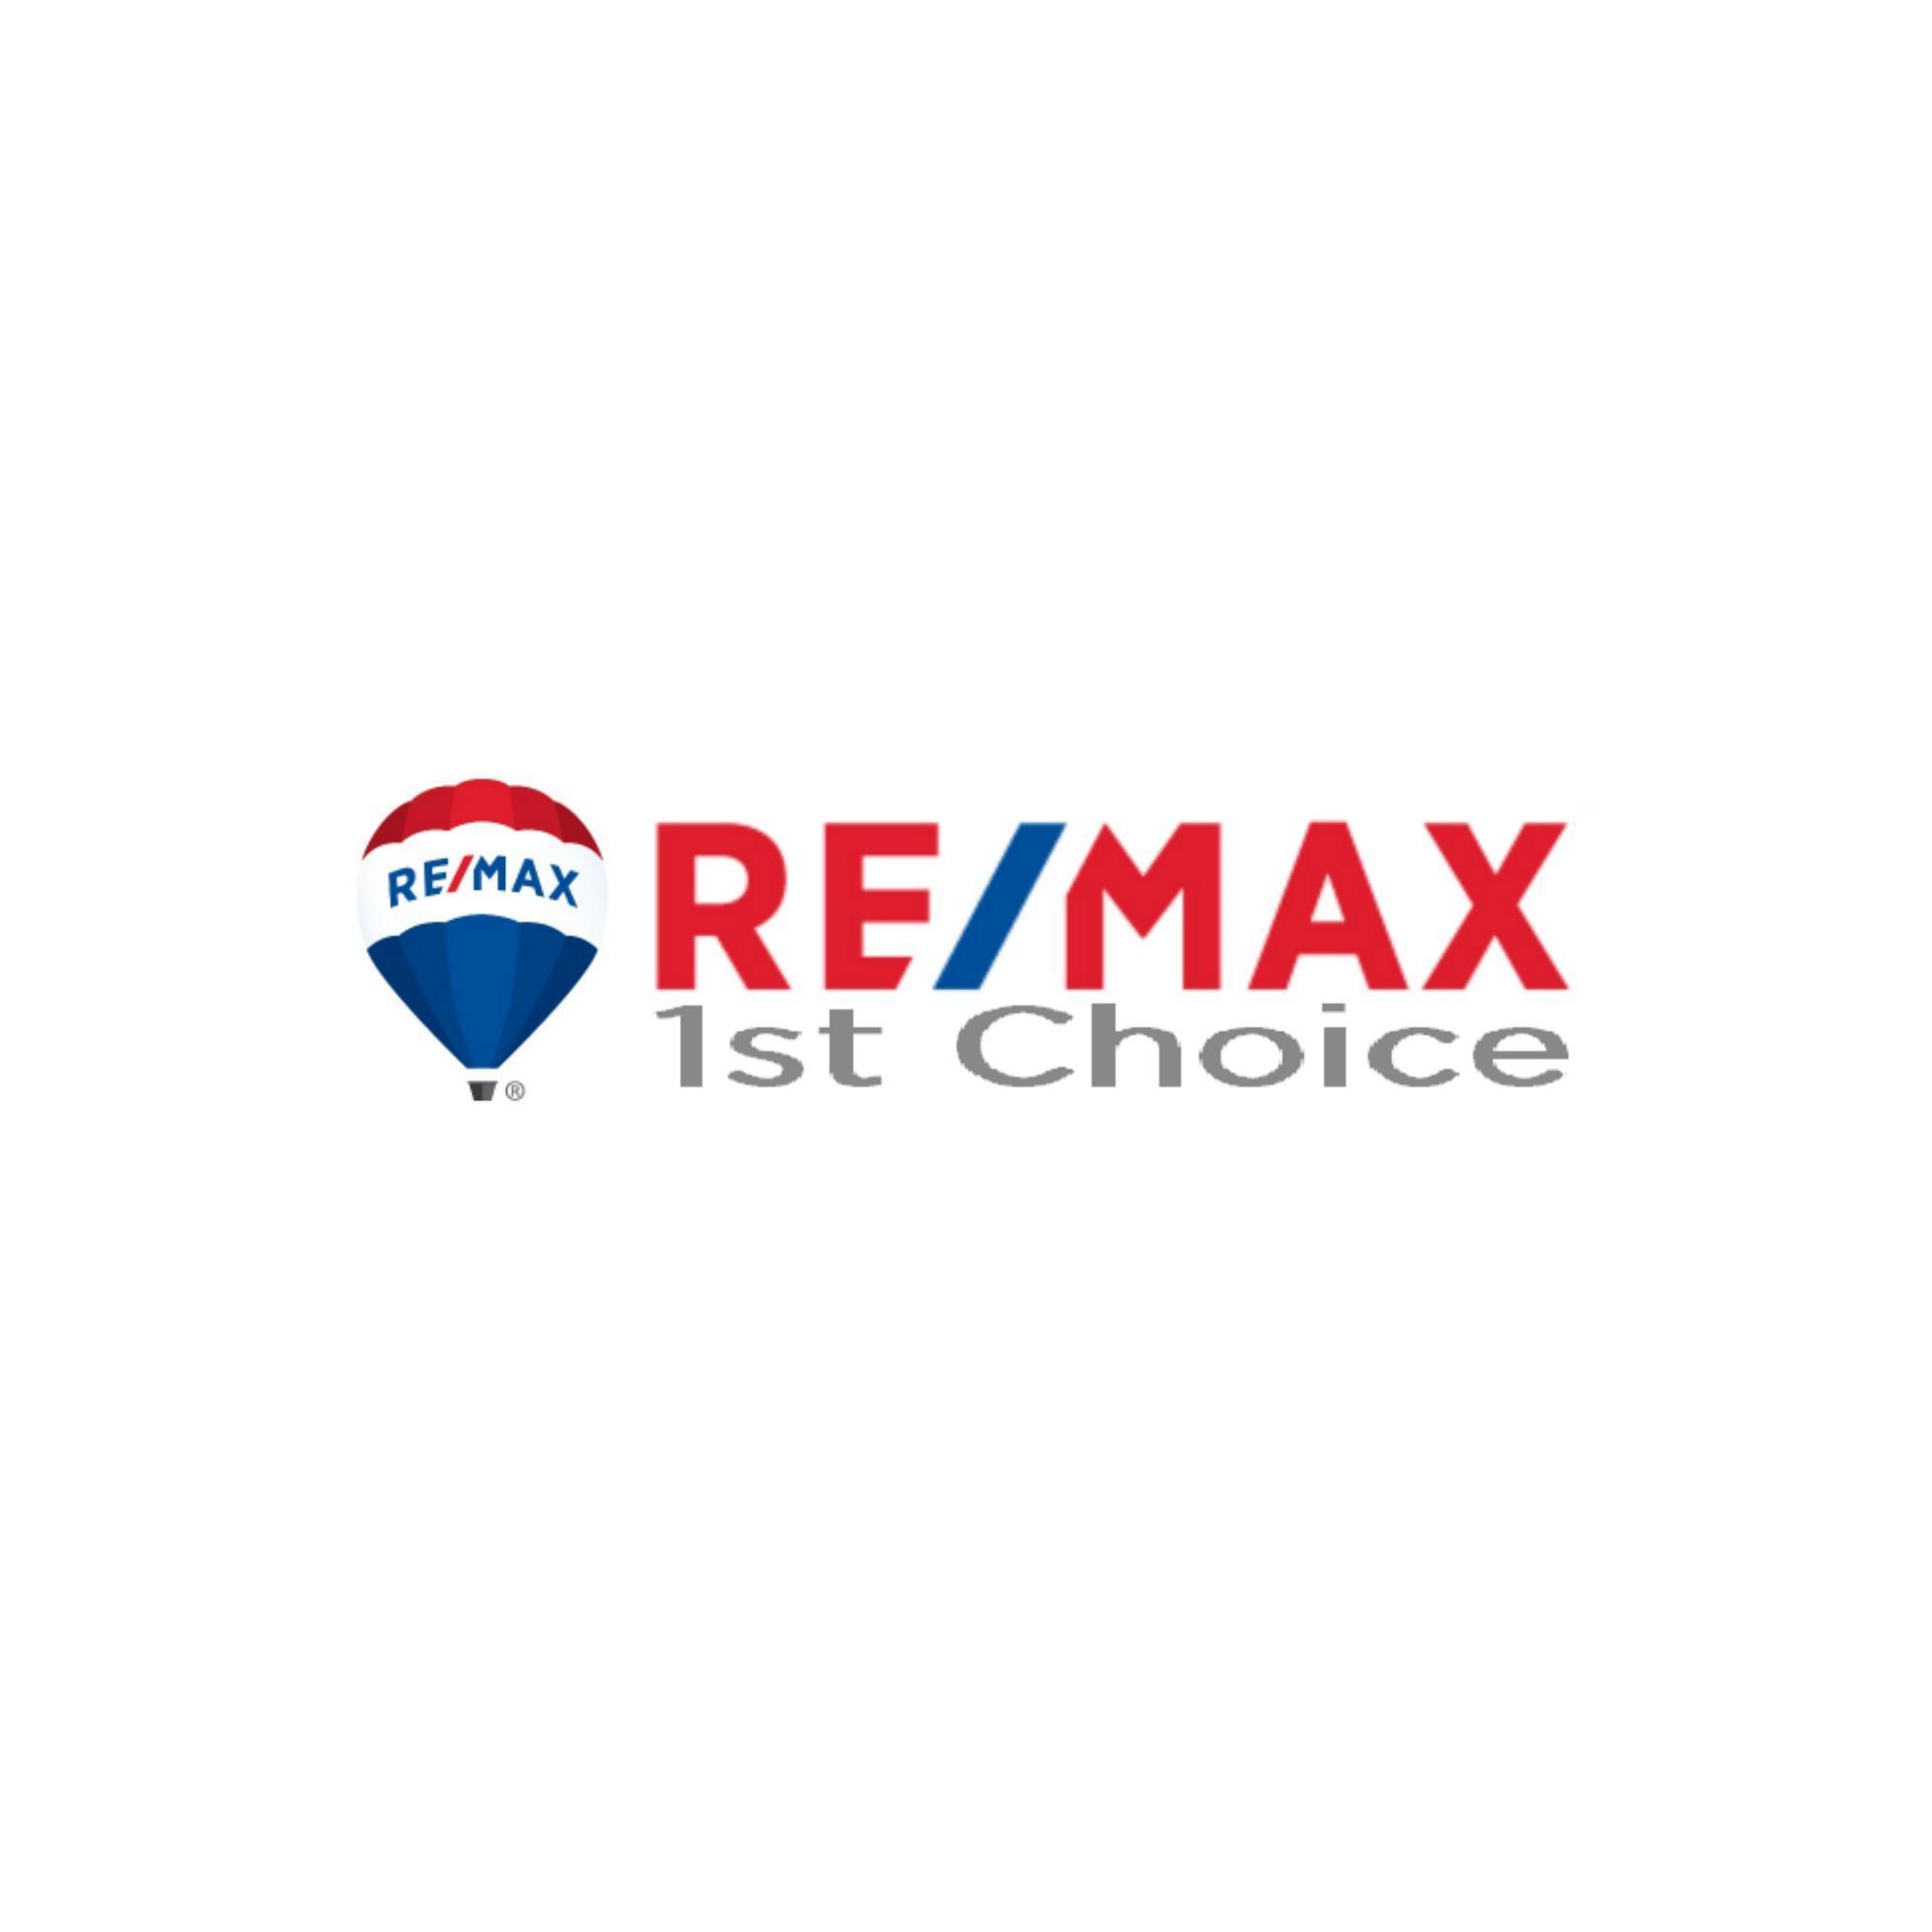 RE/MAX 1st Choice